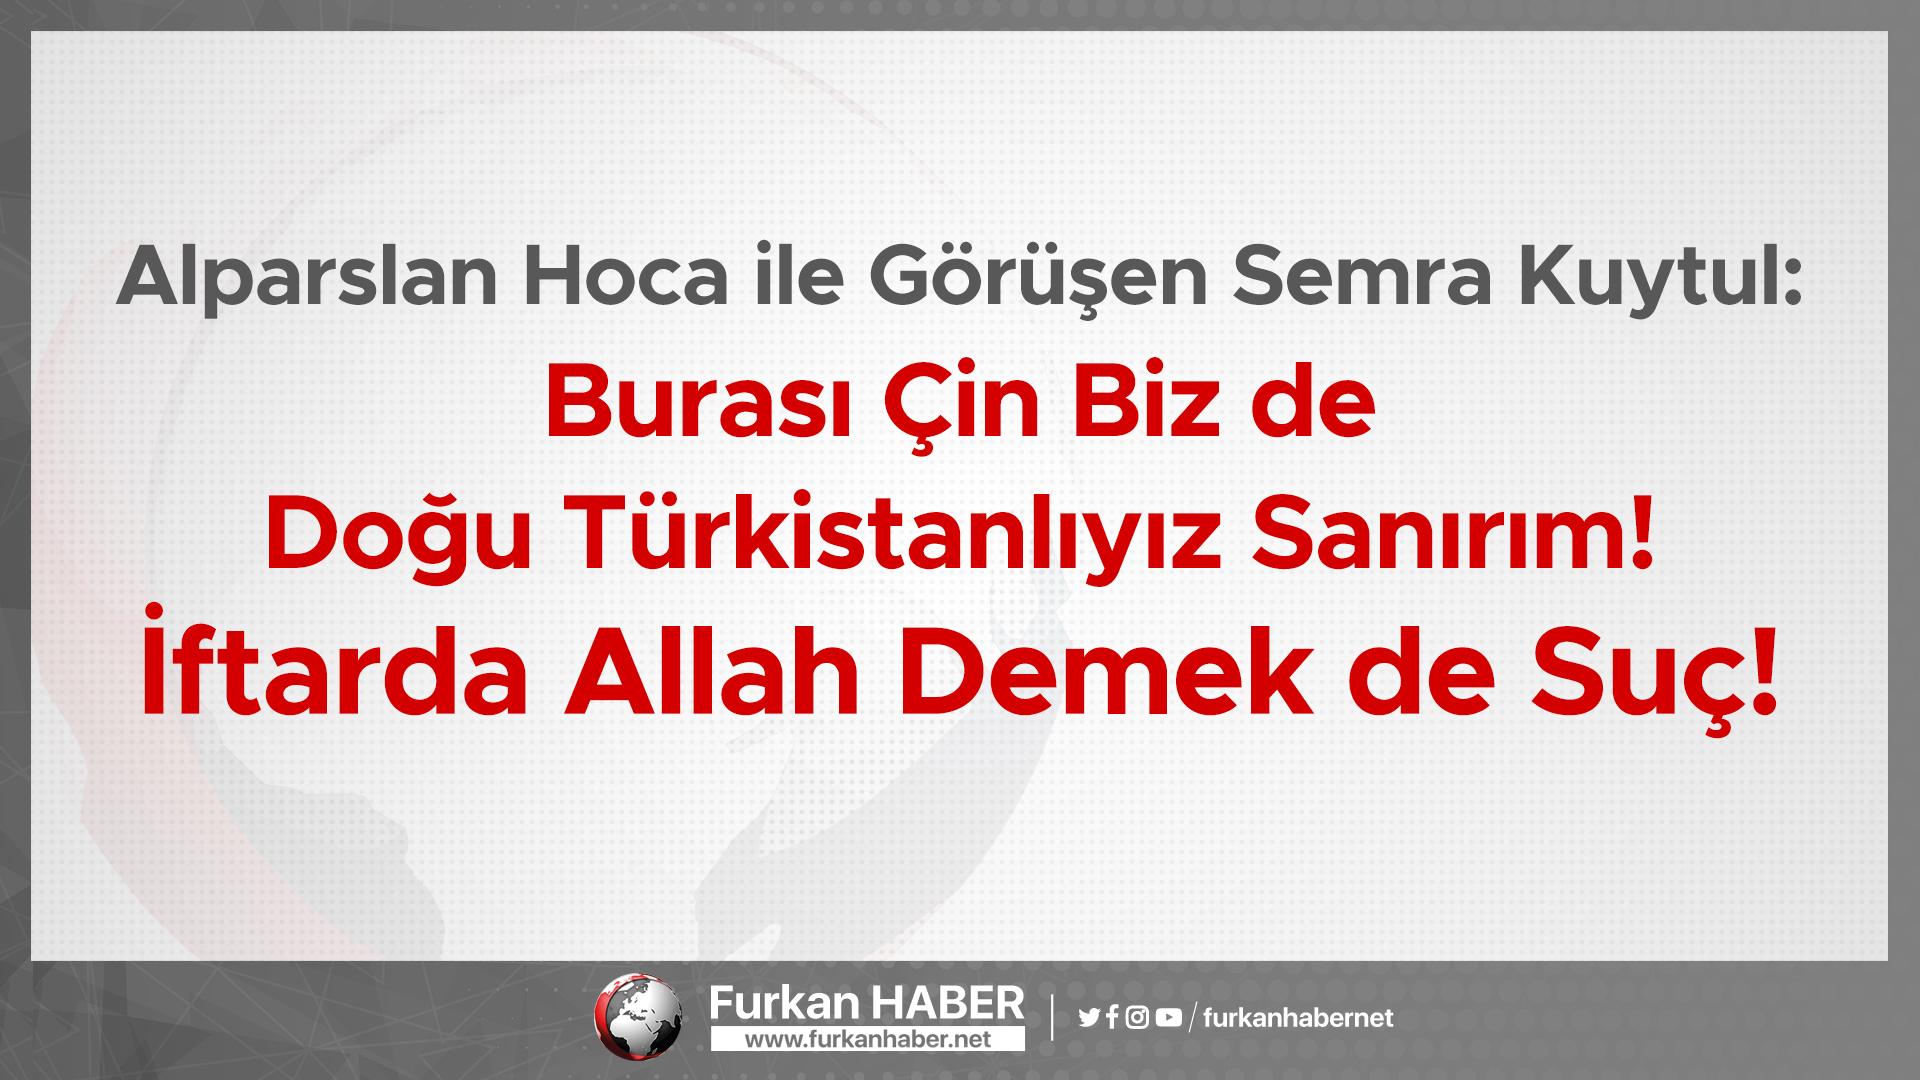 Alparslan Hoca ile Görüşen Semra Kuytul: Burası Çin Biz de Doğu Türkistanlıyız Sanırım! İftarda Allah Demek de Suç!